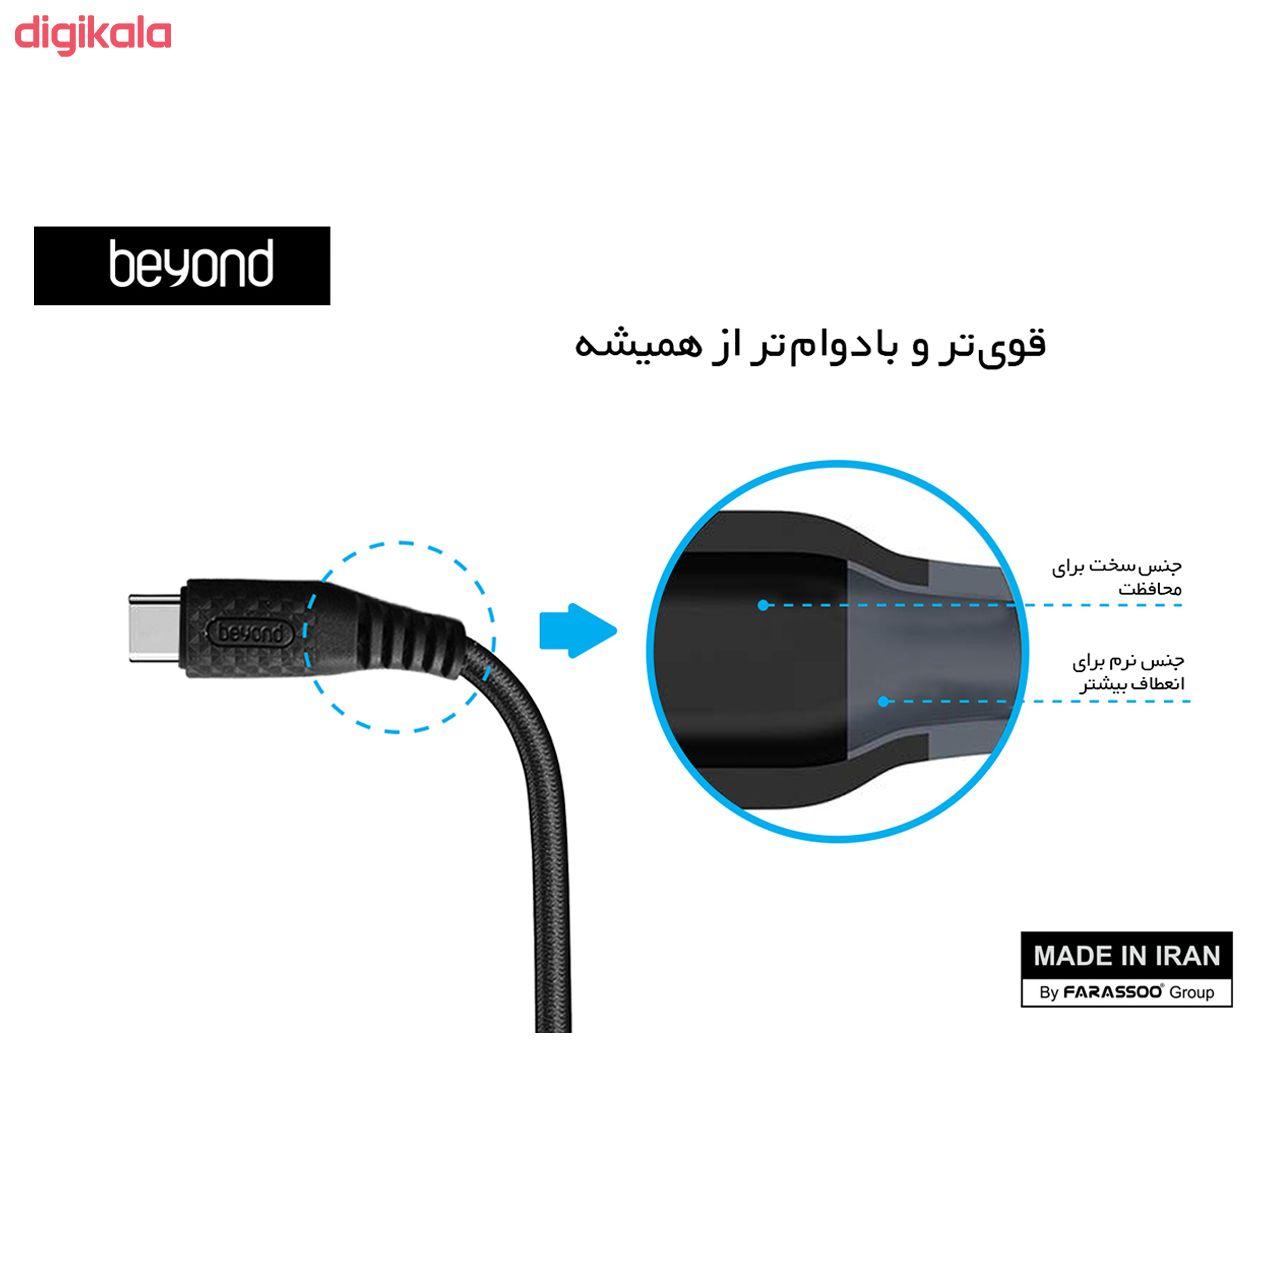 کابل تبدیل USB به USB-C بیاند مدل BA-306 طول 1 متر main 1 3